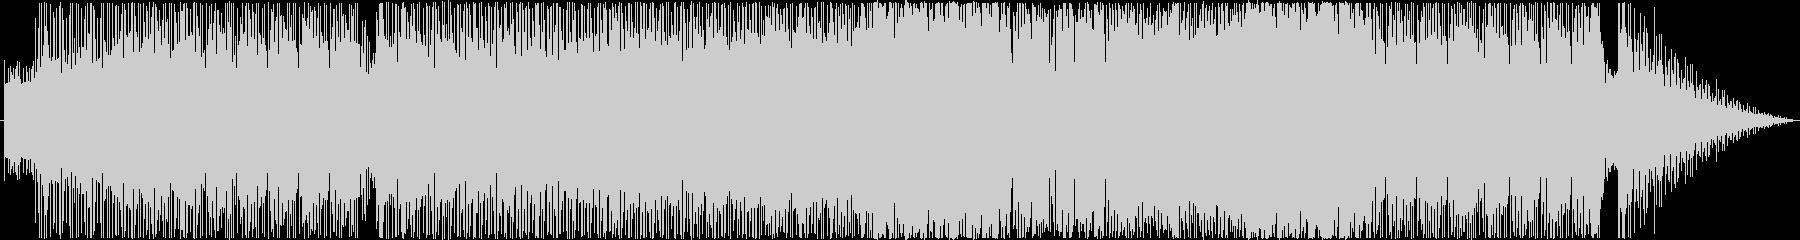 シャッフルビートのファンキーな曲の未再生の波形